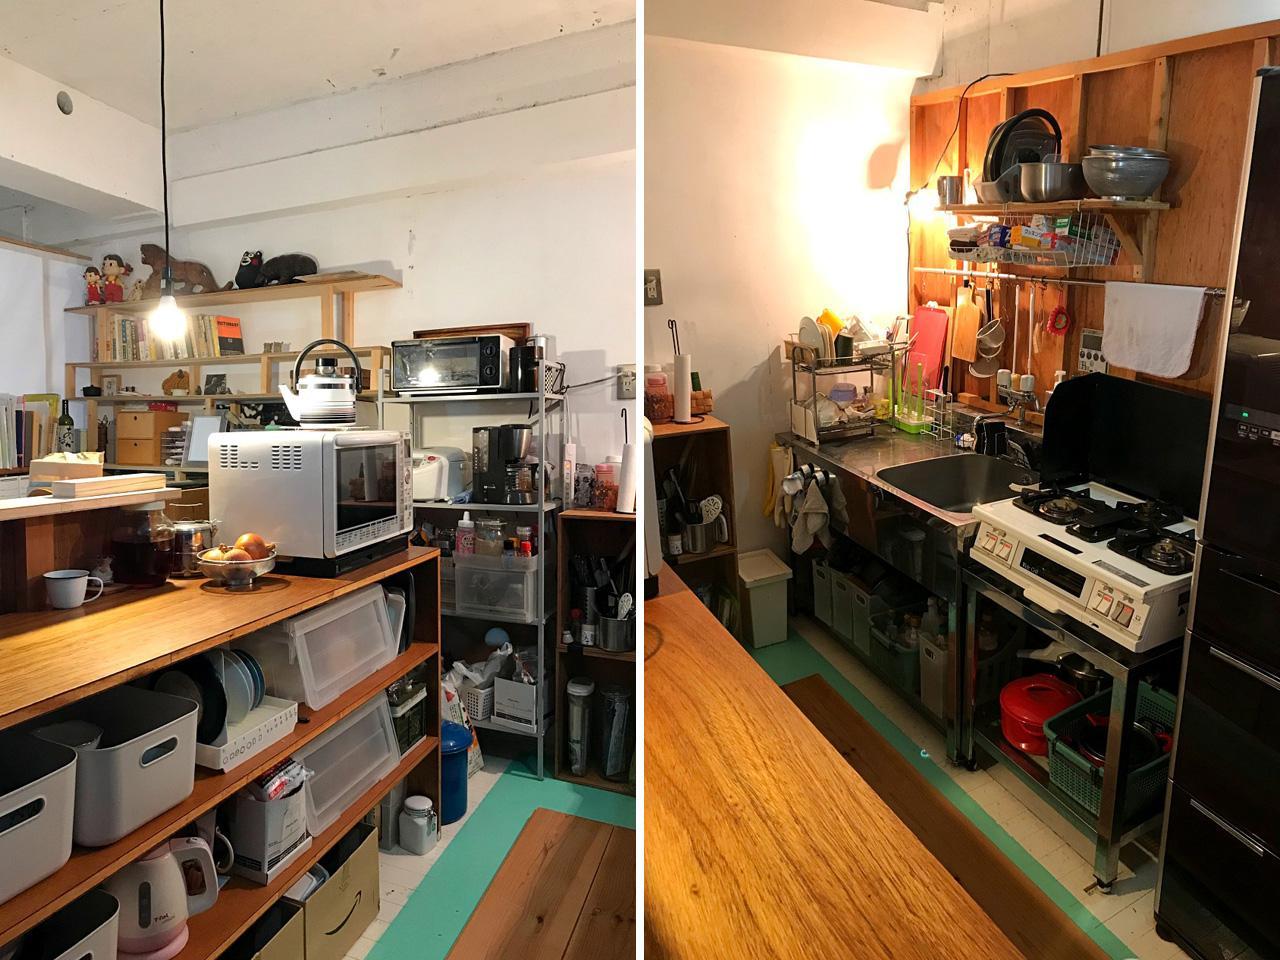 キッチン。当初は天井まで壁のあるこもれる空間だったそう